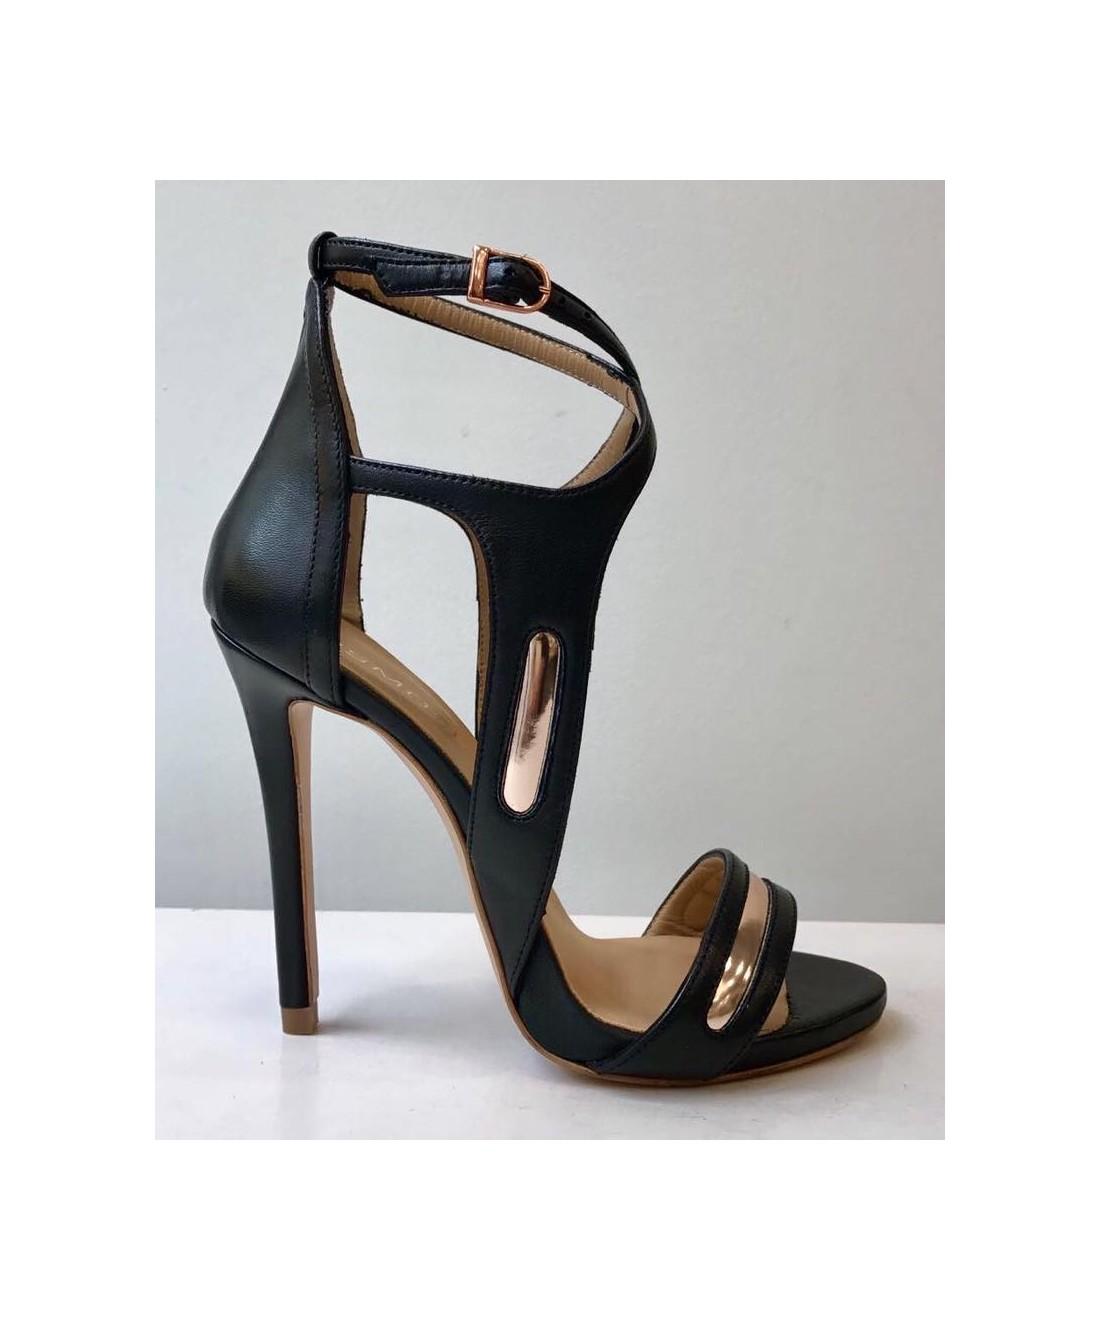 soyez ensorcelante en sandale cuir noir talon haut. Black Bedroom Furniture Sets. Home Design Ideas